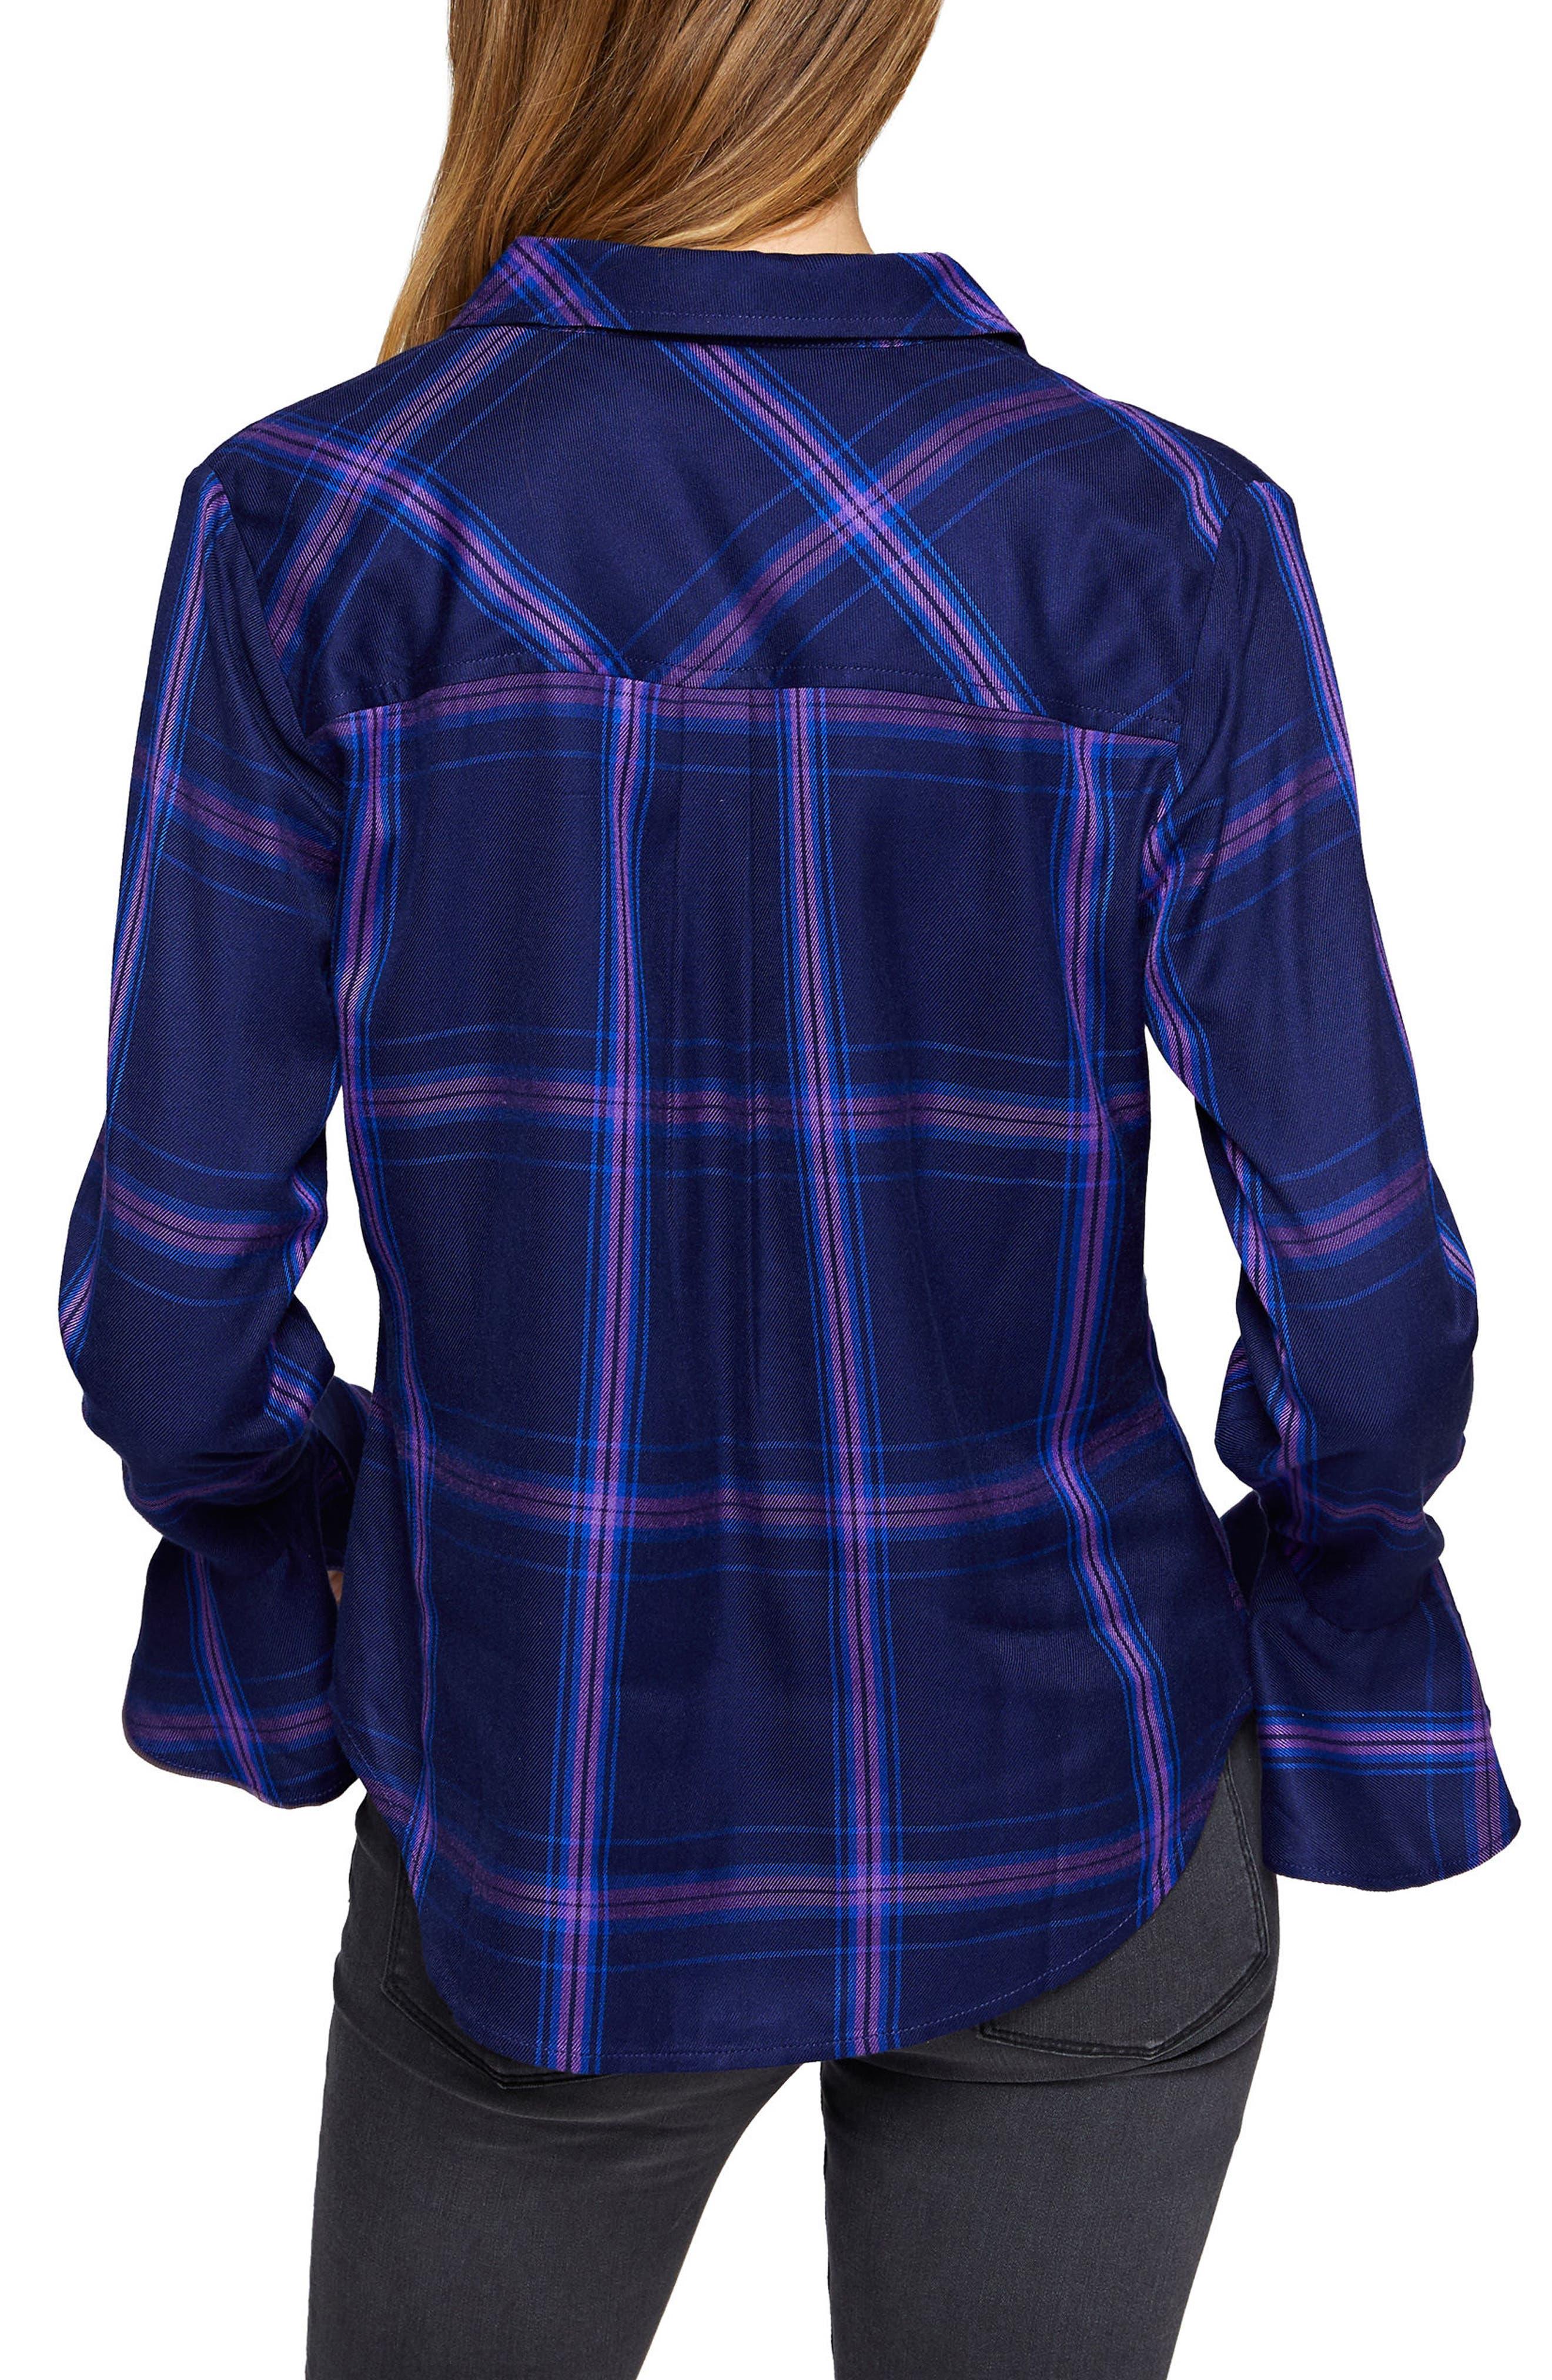 Nightscape Shirt,                             Alternate thumbnail 2, color,                             Nocturne Plaid